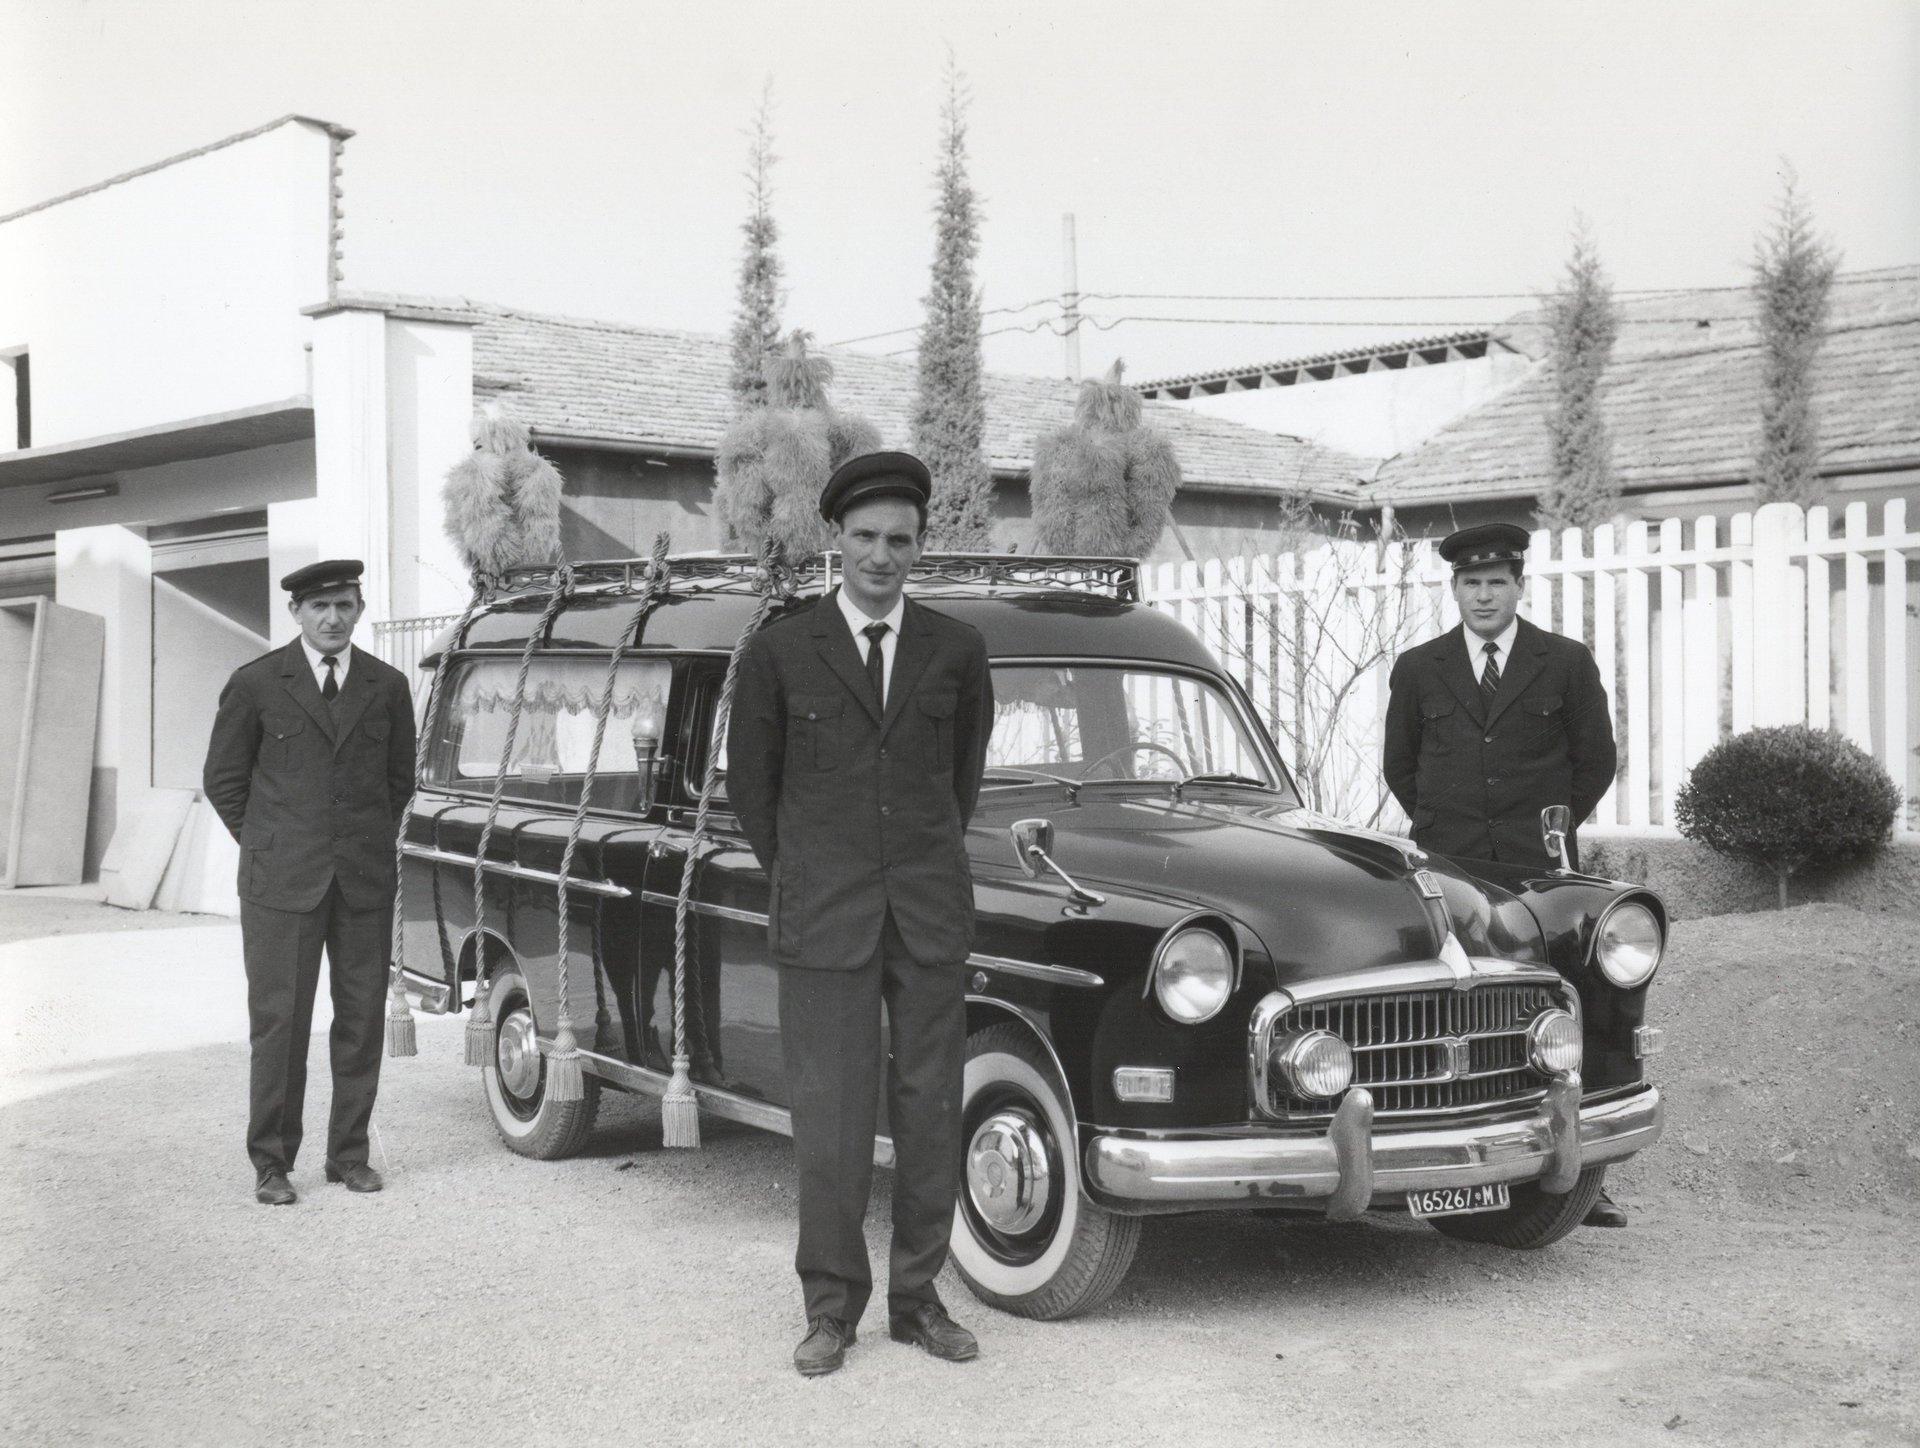 un carro funebre e accanto un furgone